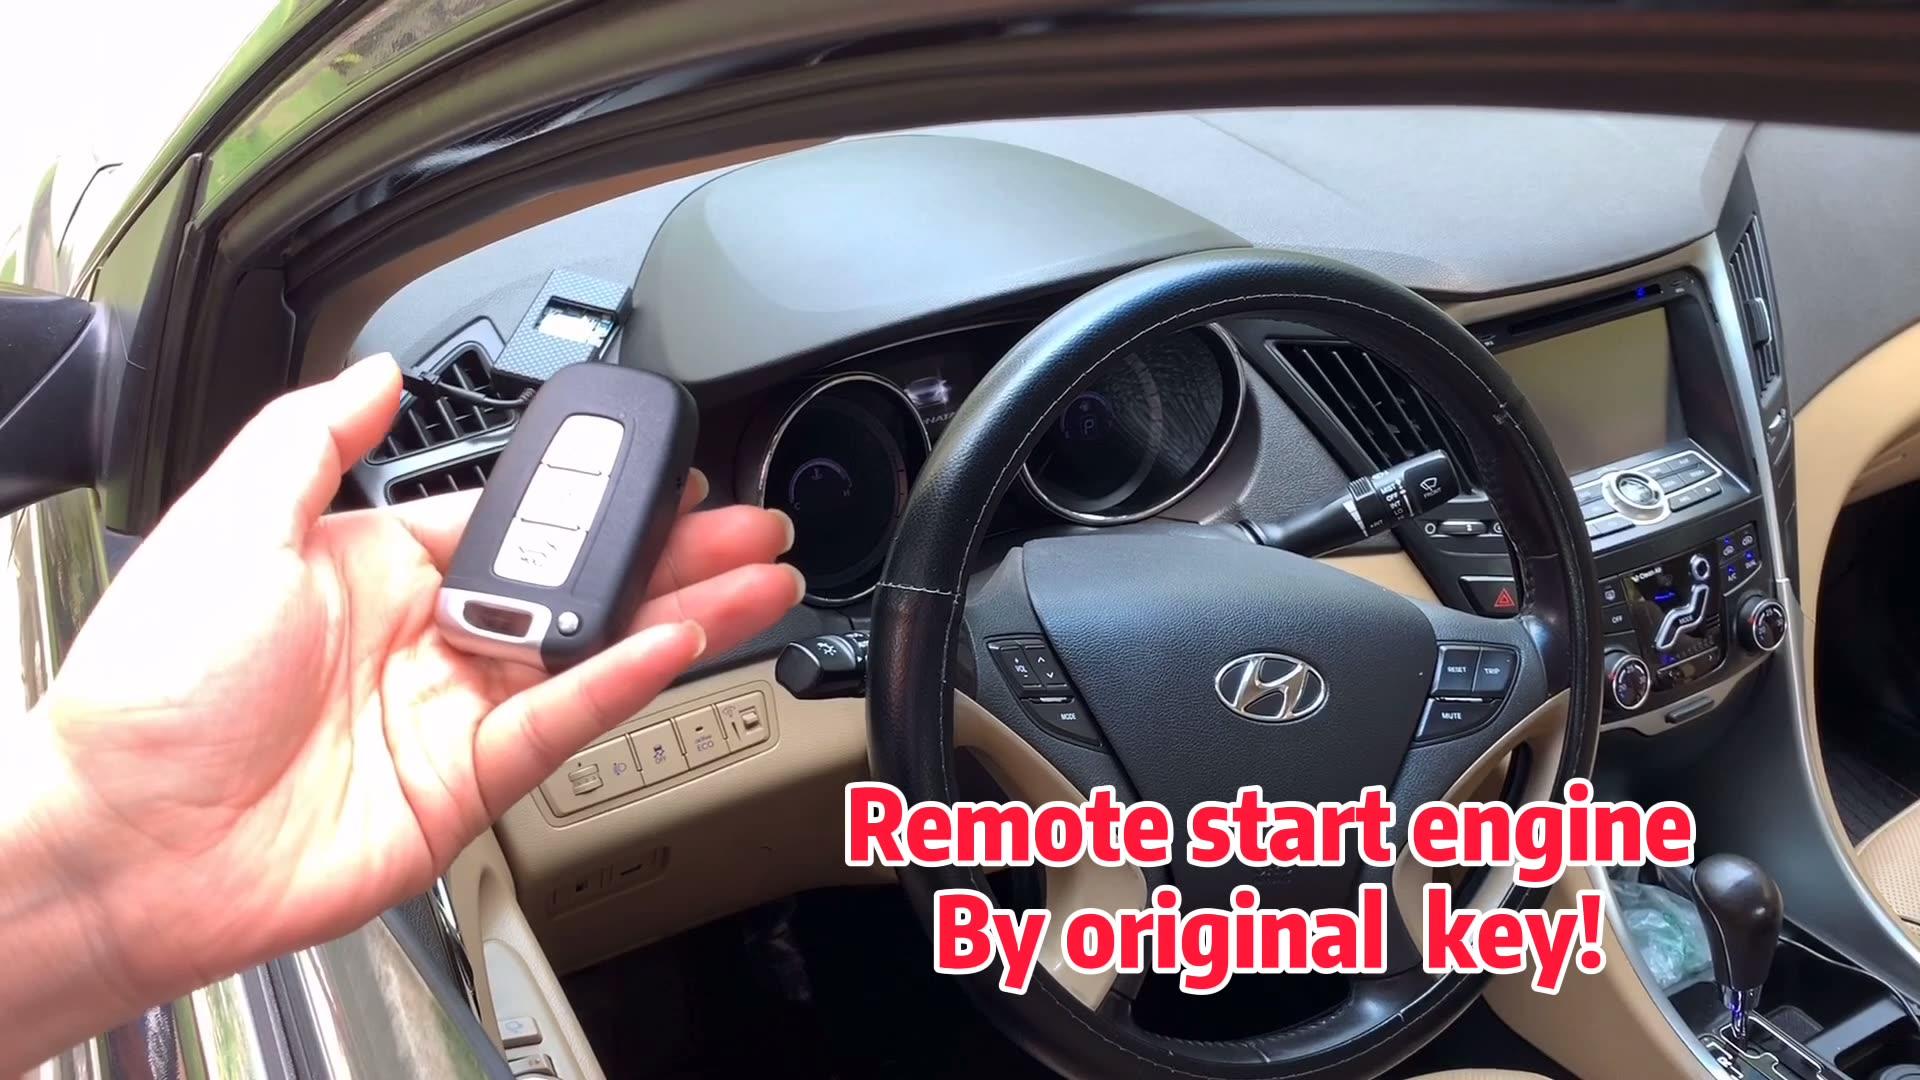 Cardotชุดรีโมตควบคุมรถอัจฉริยะ,ปลดล็อกรถแบบไม่ใช้กุญแจ